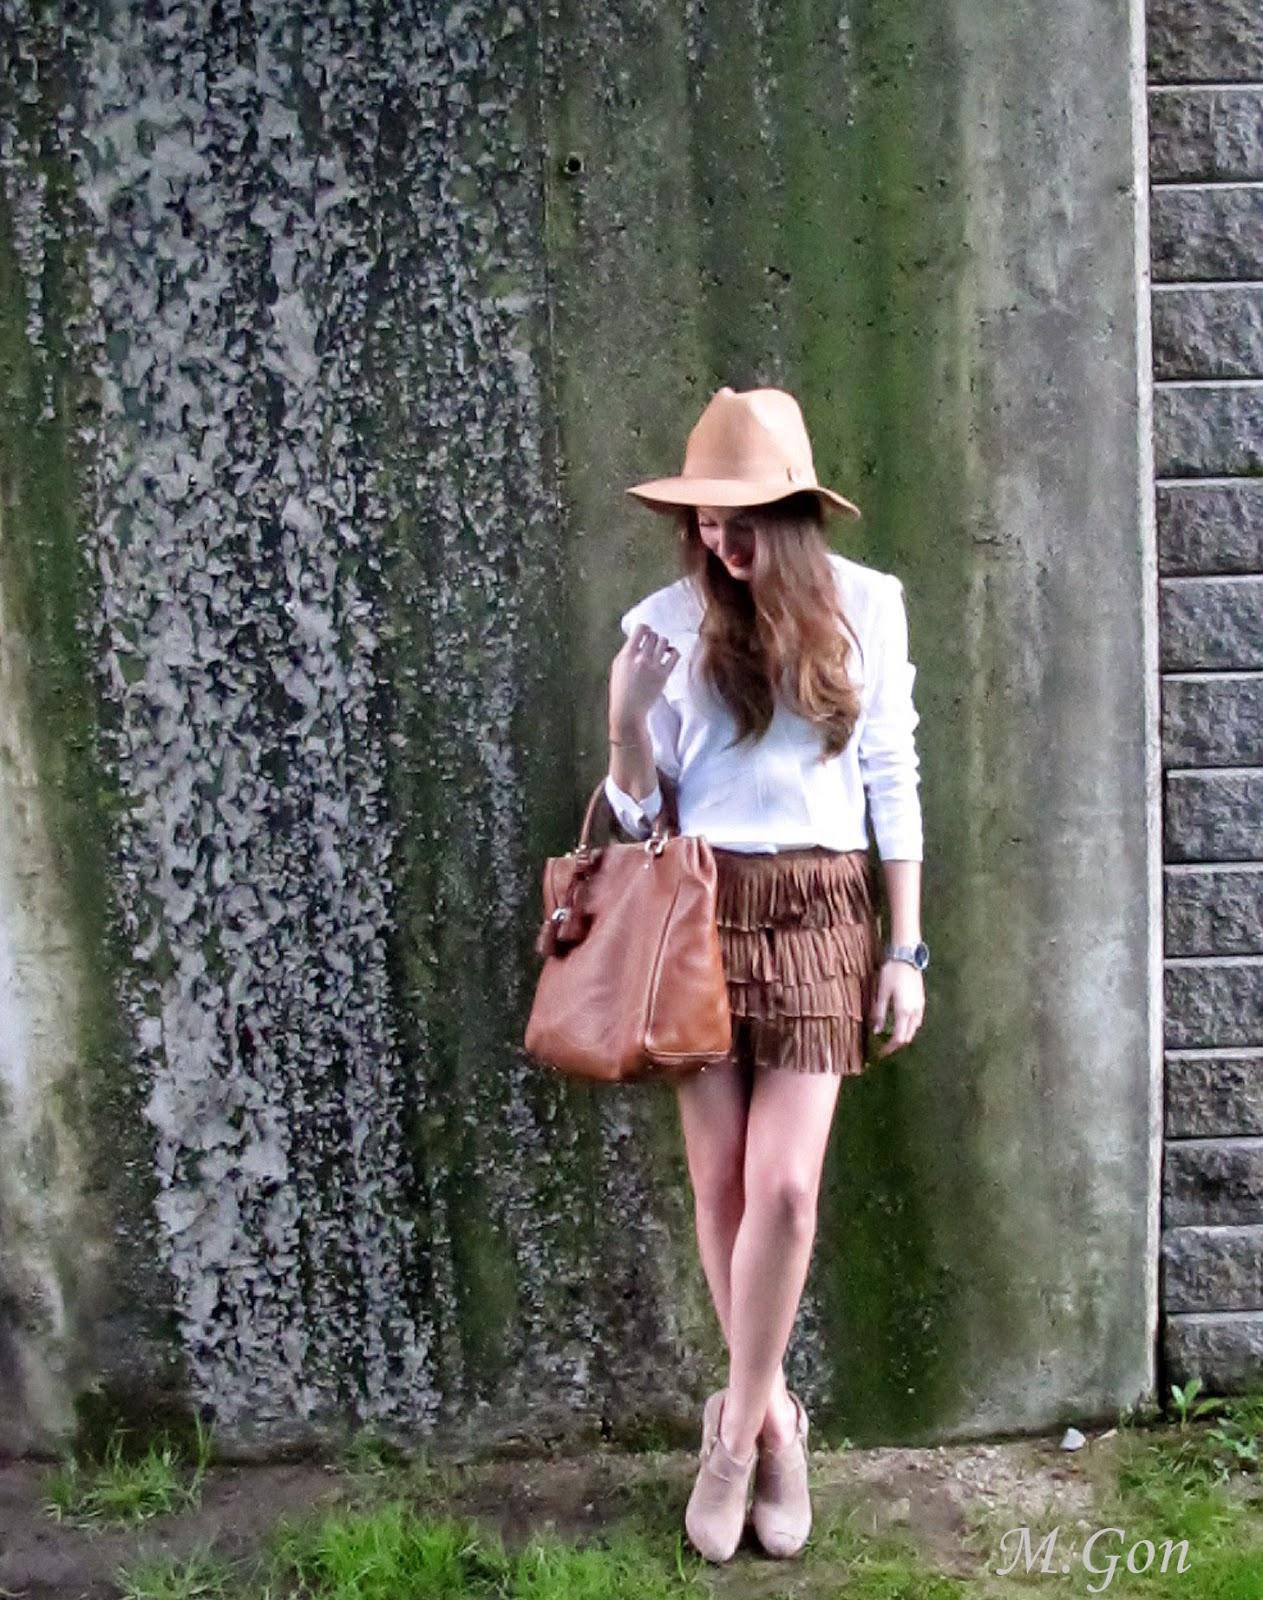 prada fuchsia bag - Falda de flecos y sombrero camel - Si Coppelia vistiera de Prada